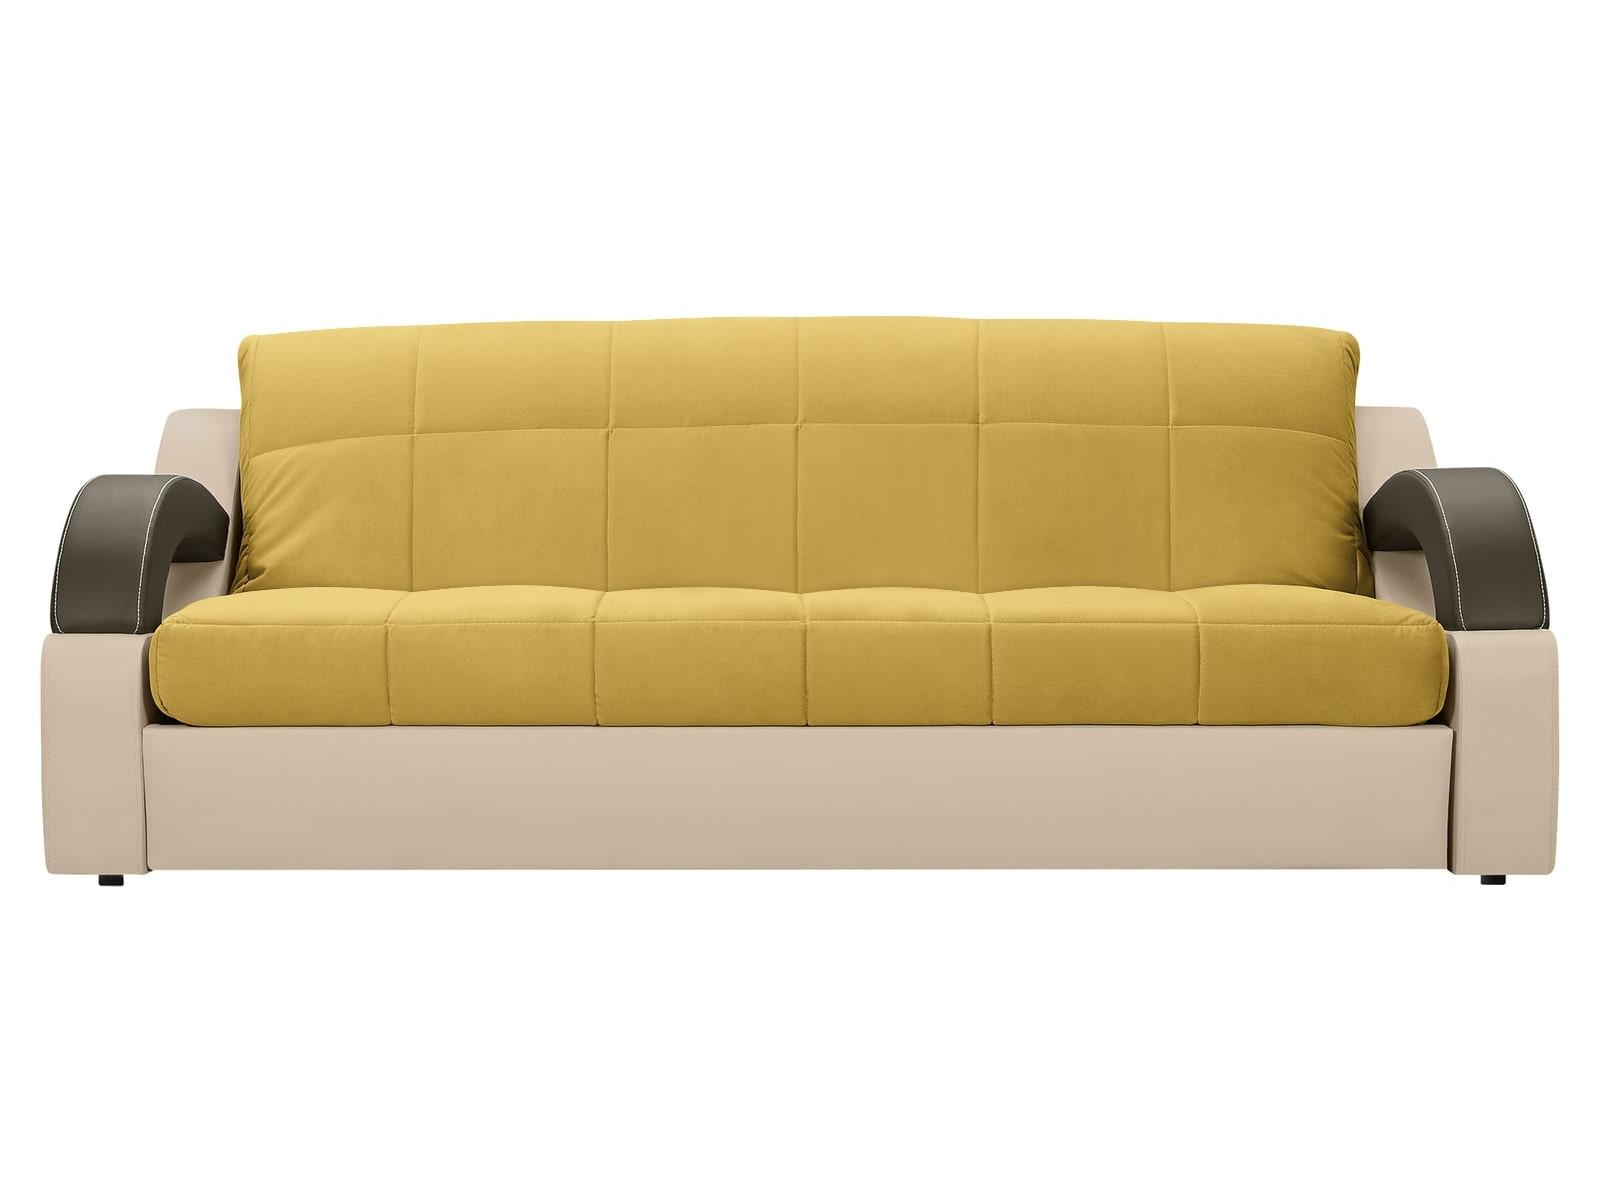 Диван тканевый прямой Мадрид MebelVia Желтый, Экокожа, Брусок хвойных Желтый